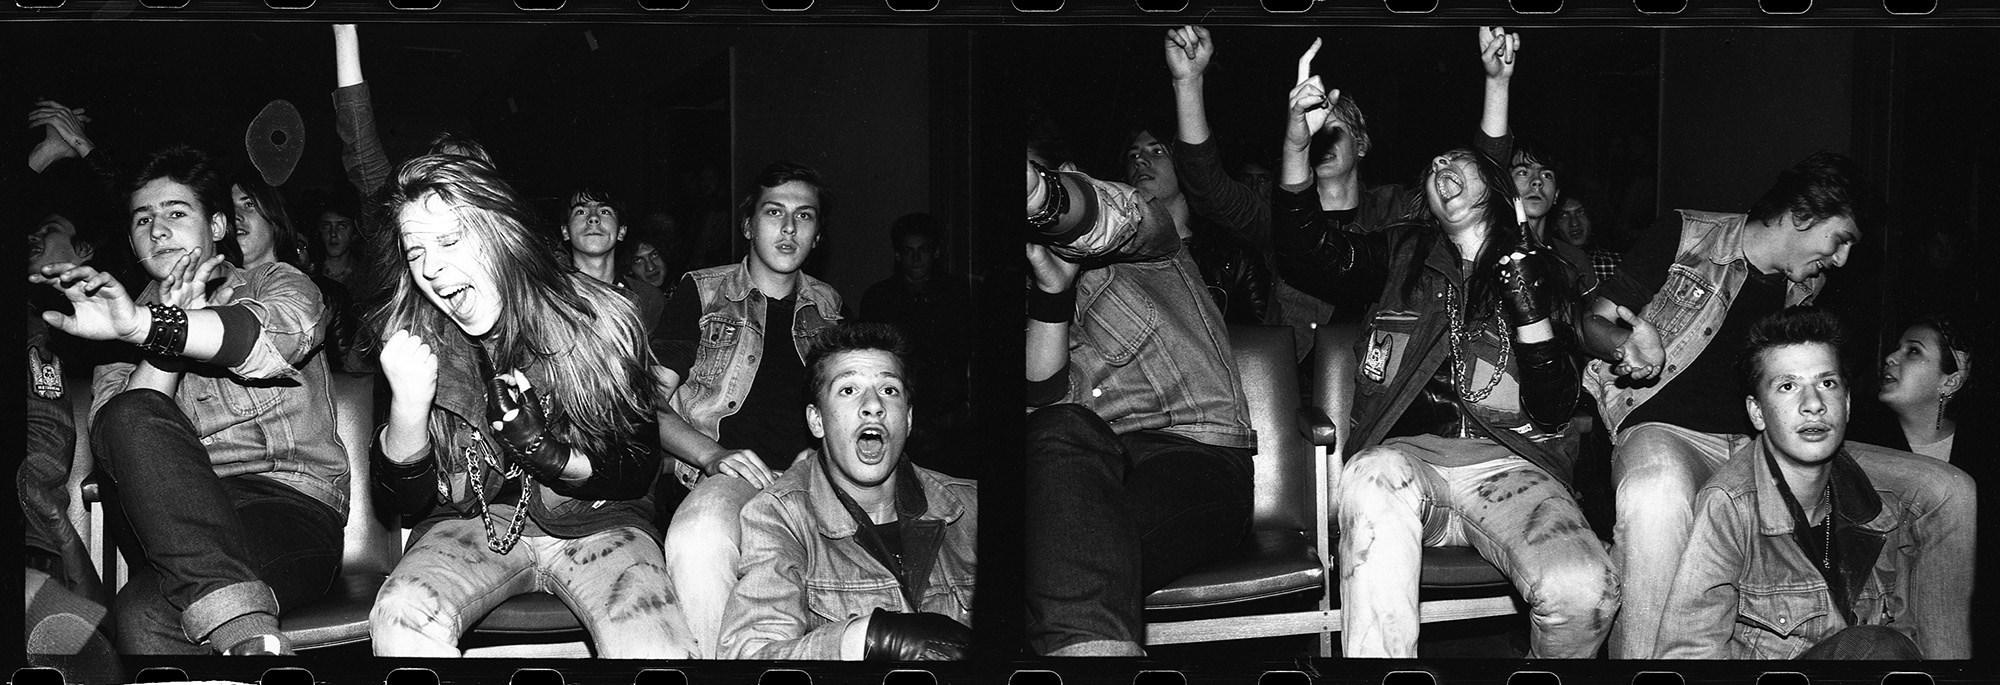 Глубокий вдох свободы: блестящие кадры рок-разгула времен перестройки